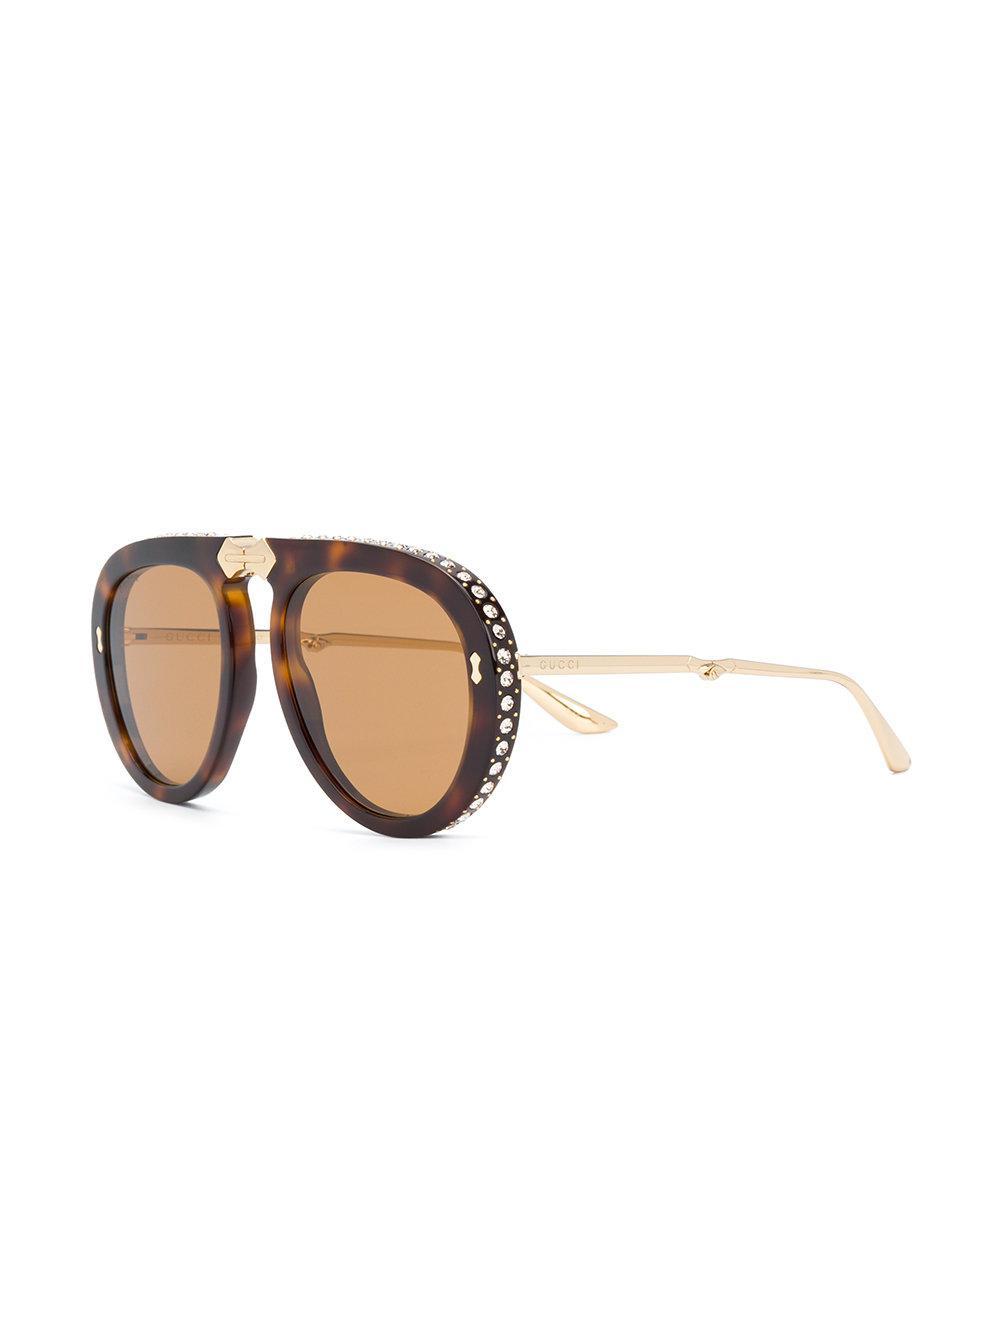 4fde68492e Gucci Aviator Foldable Sunglasses in Brown - Lyst